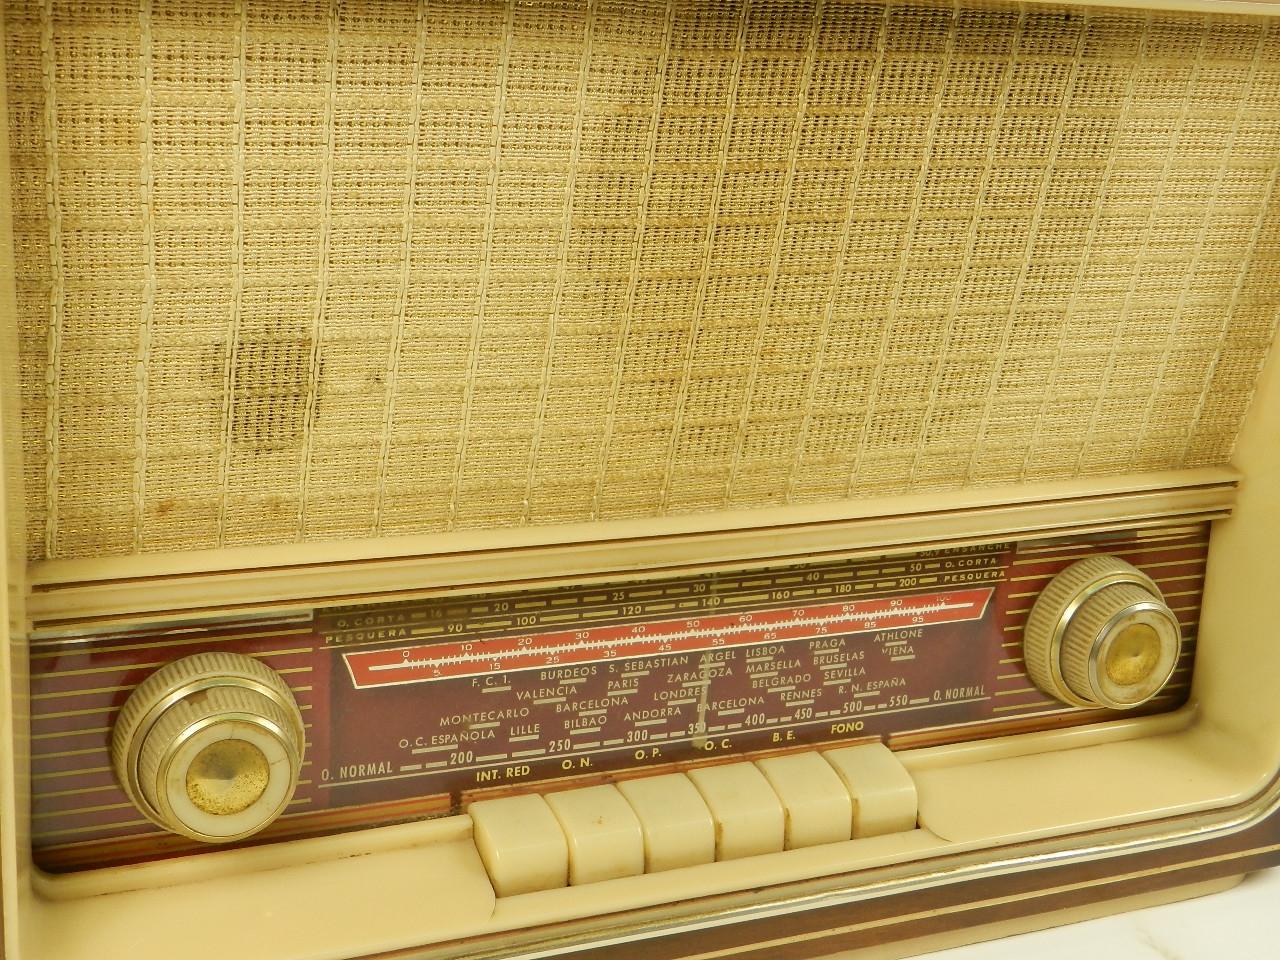 Imagen RADIO ANTIGUA AÑO 1958 29483